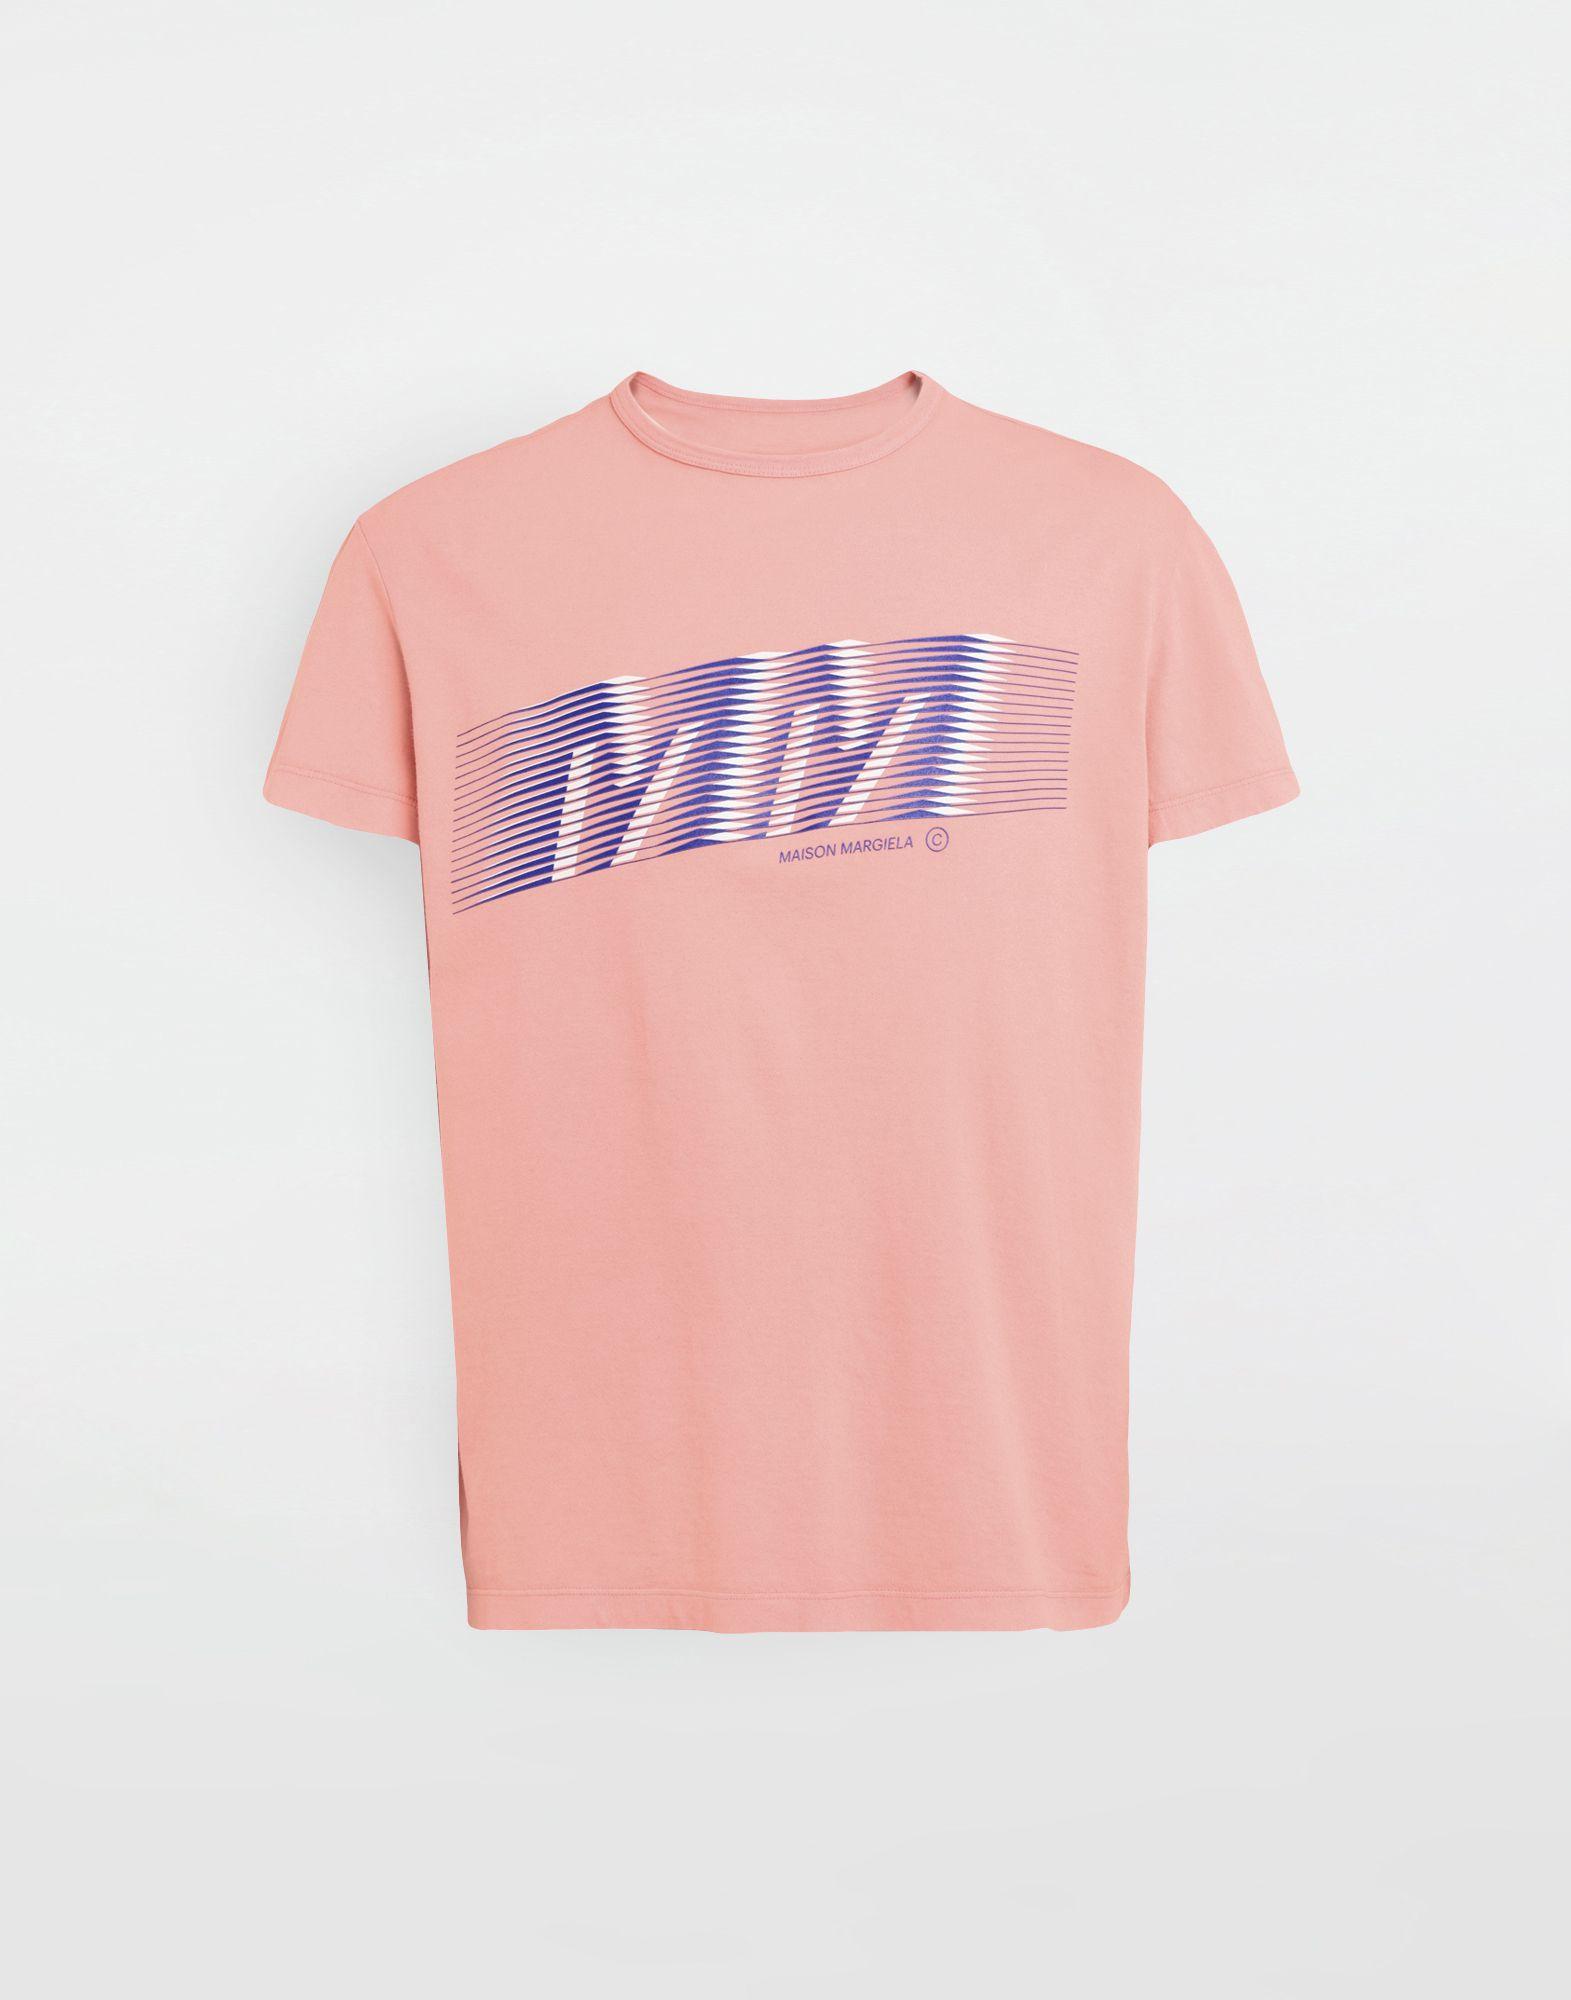 MAISON MARGIELA MM logo print T-shirt Short sleeve t-shirt Man f